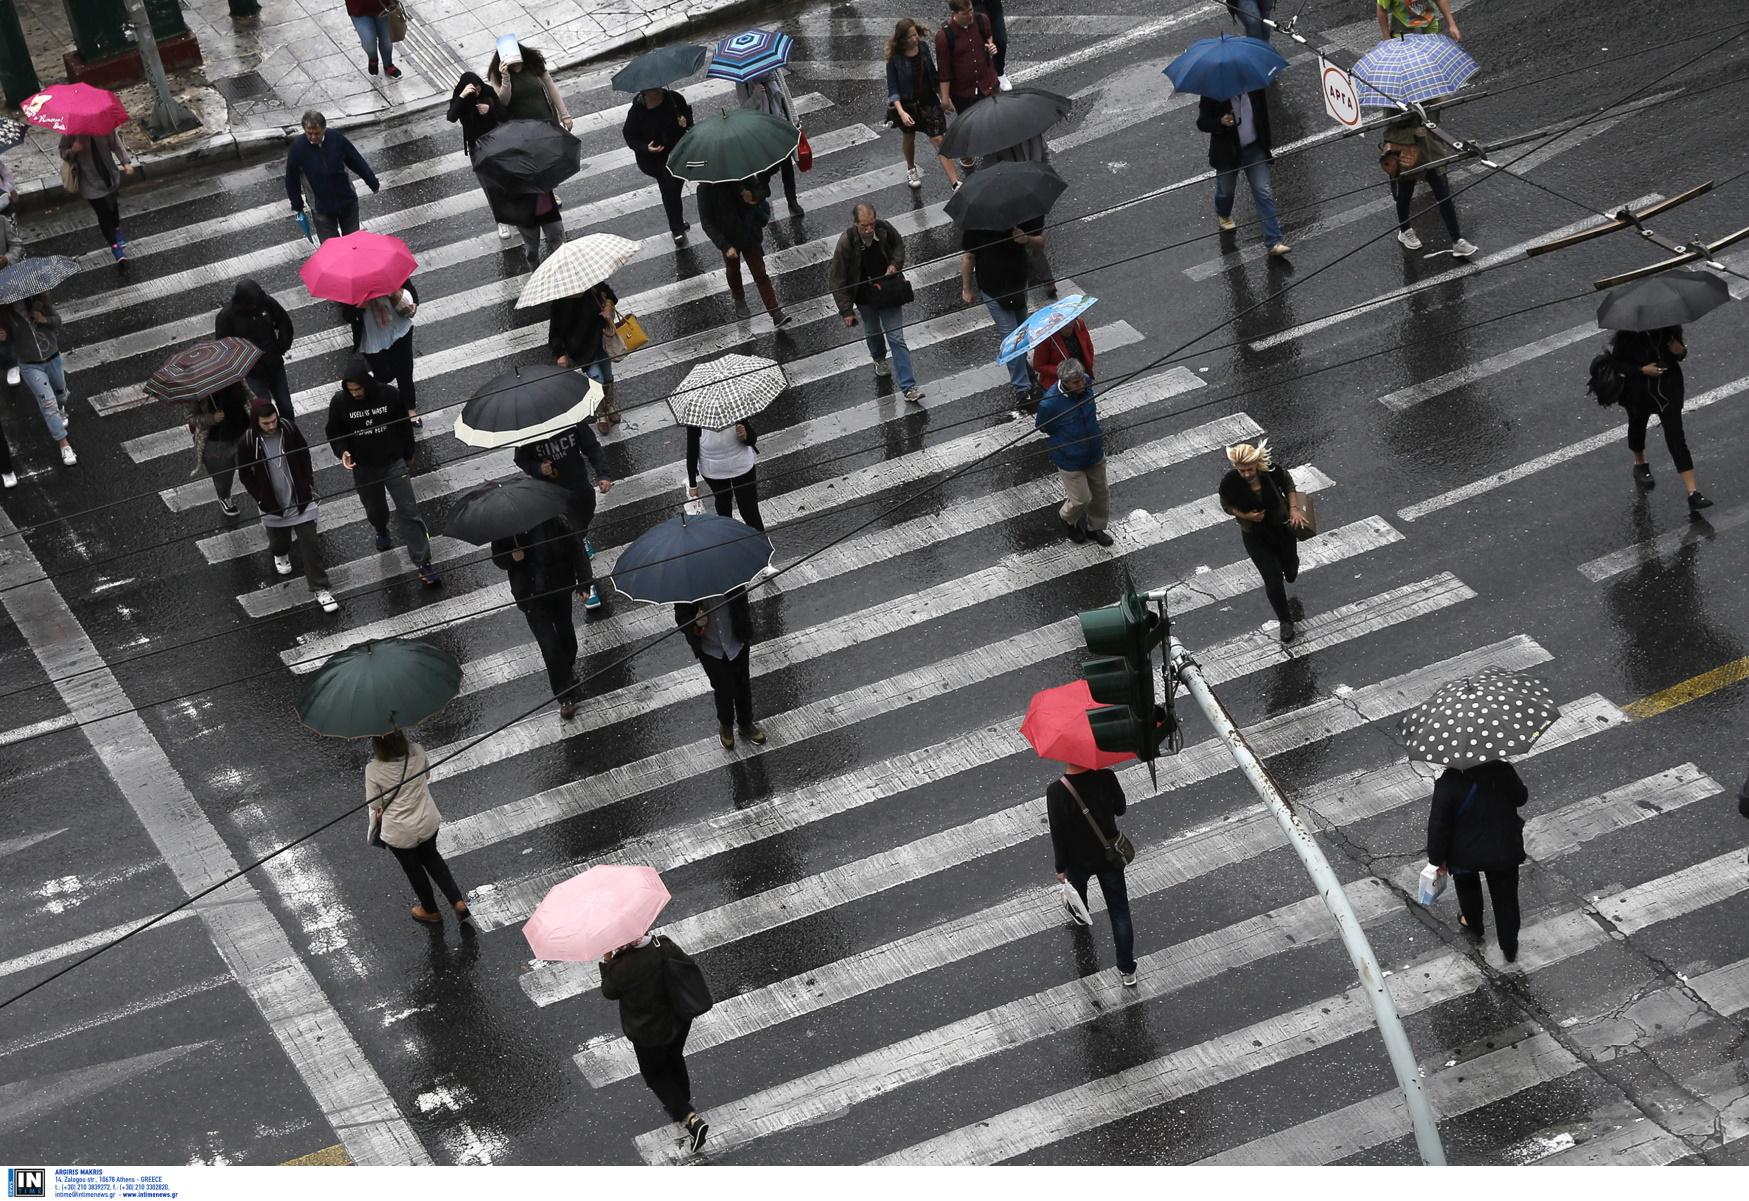 Καιρός σήμερα: Βροχές, καταιγίδες και μικρή πτώση της θερμοκρασίας